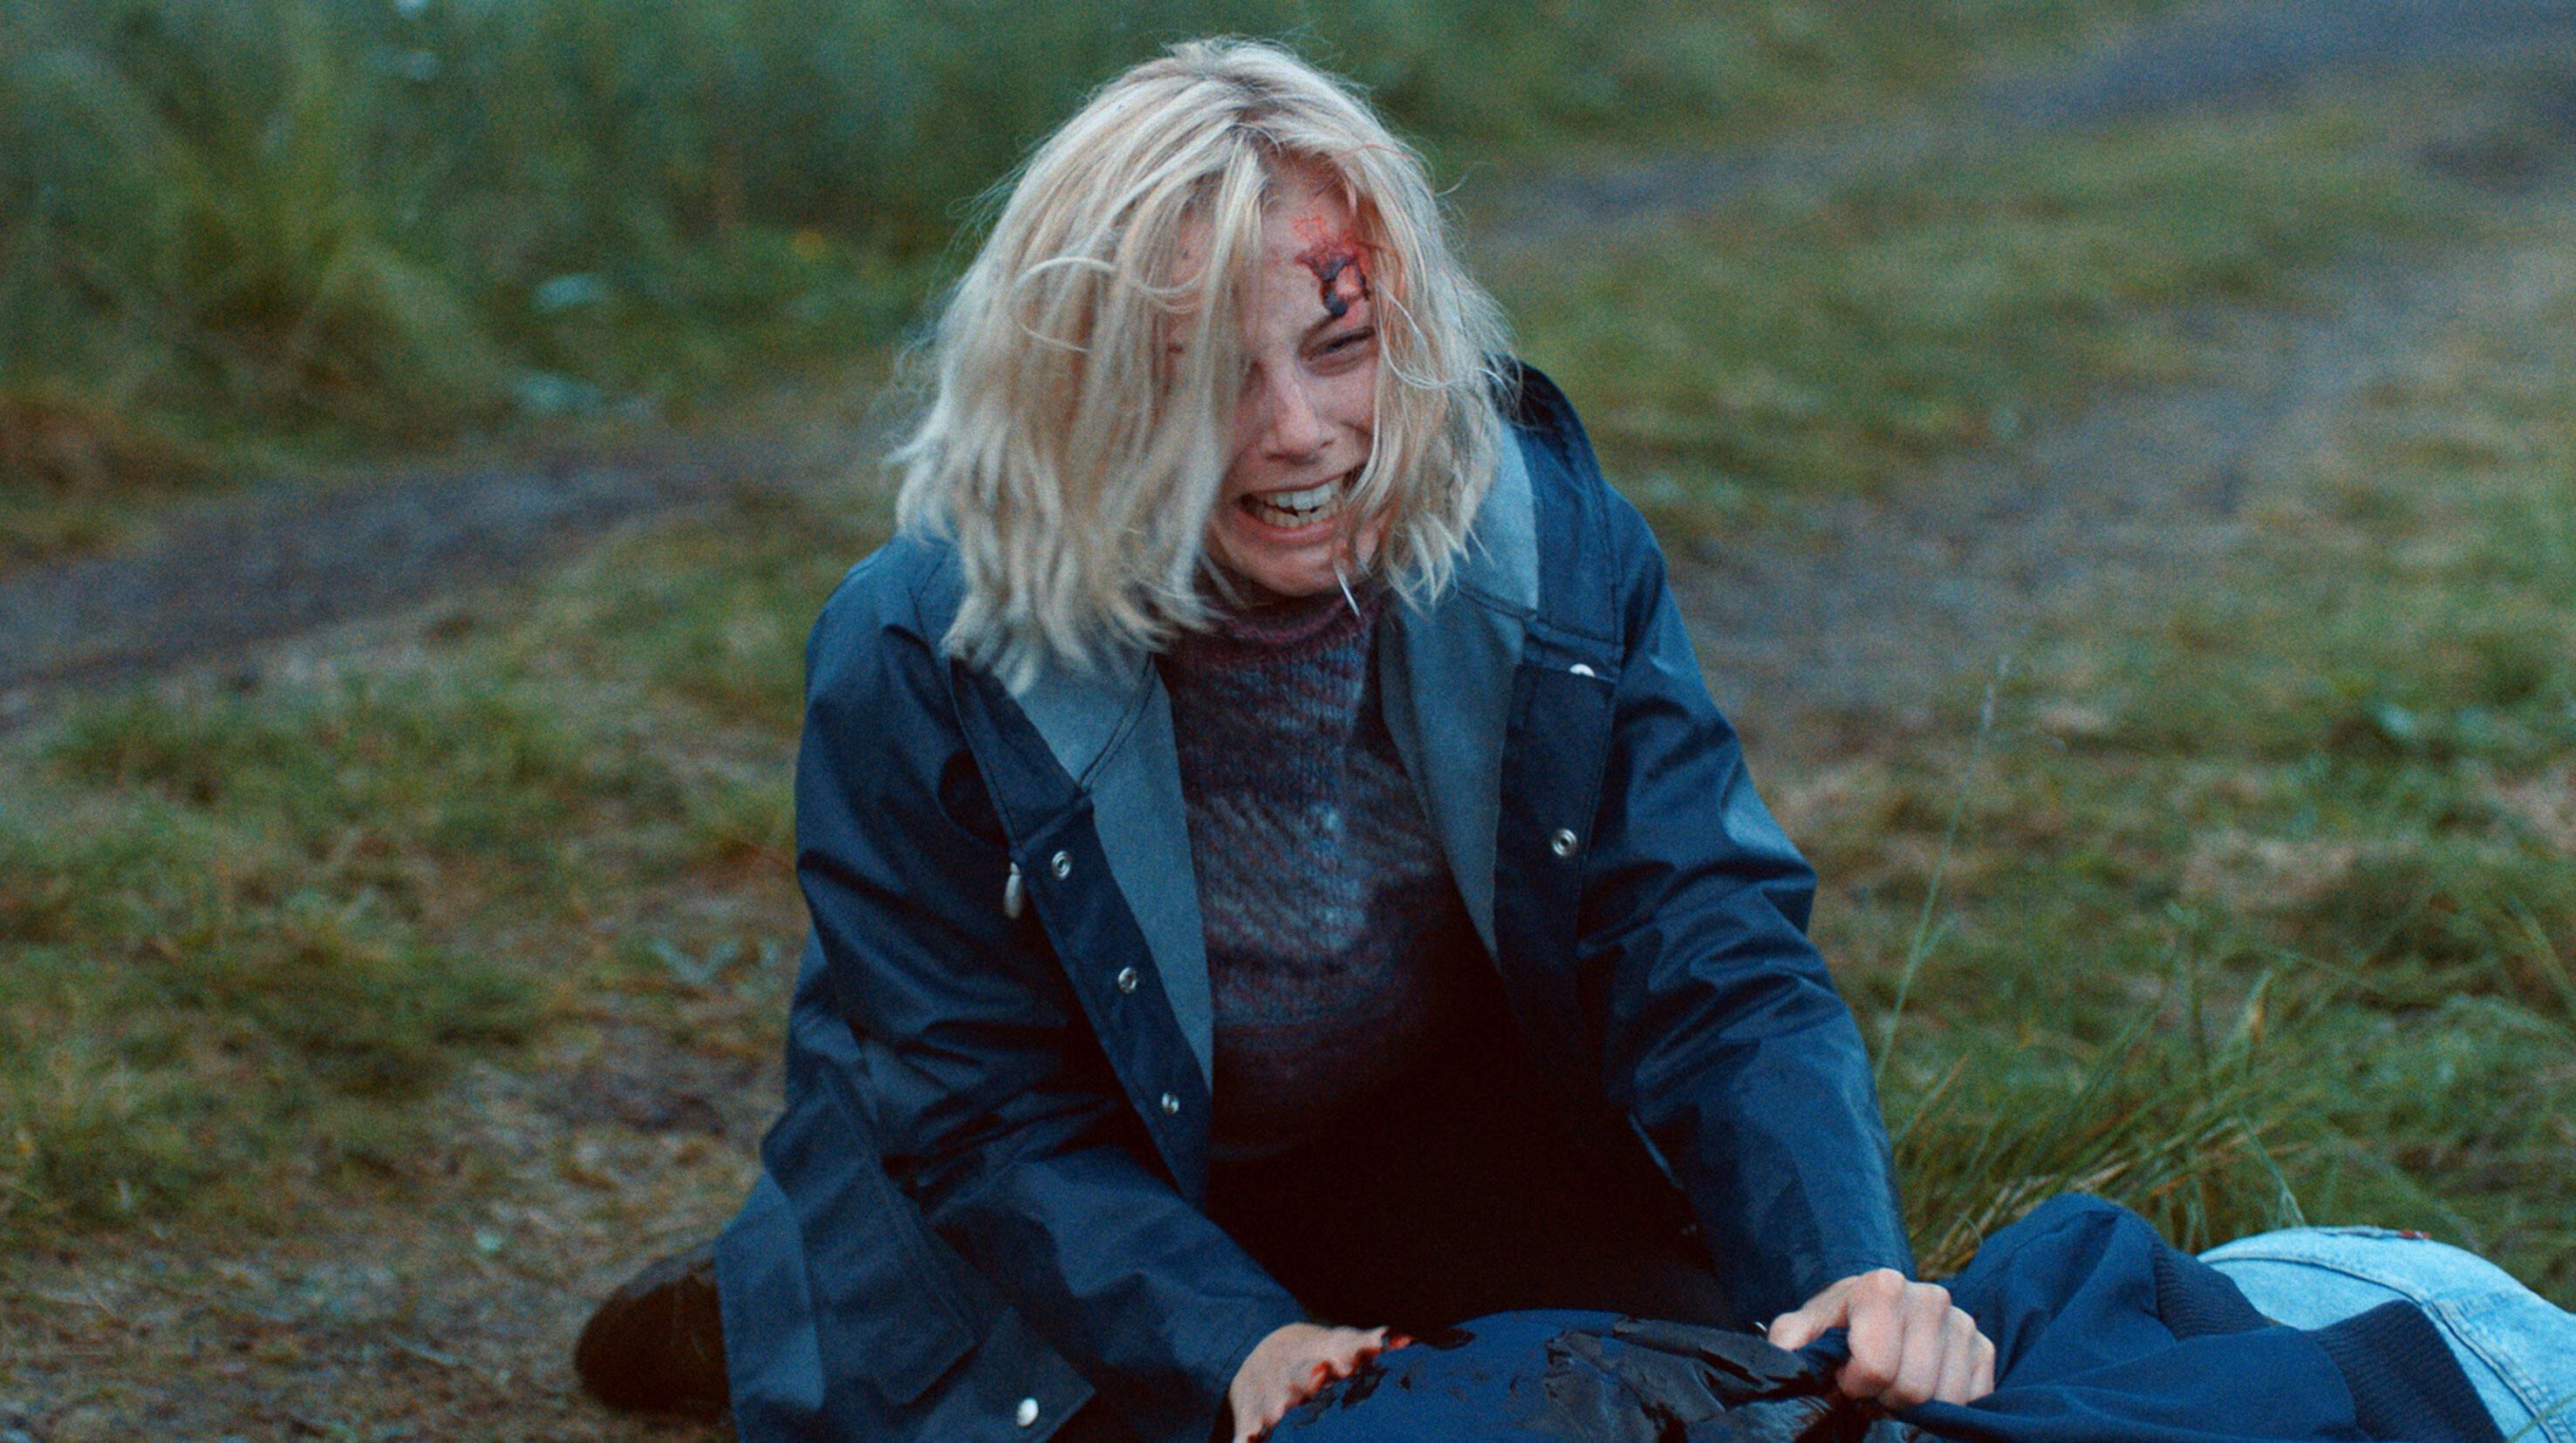 Ida Engvoll Bild 5 Von 11 Moviepilot De